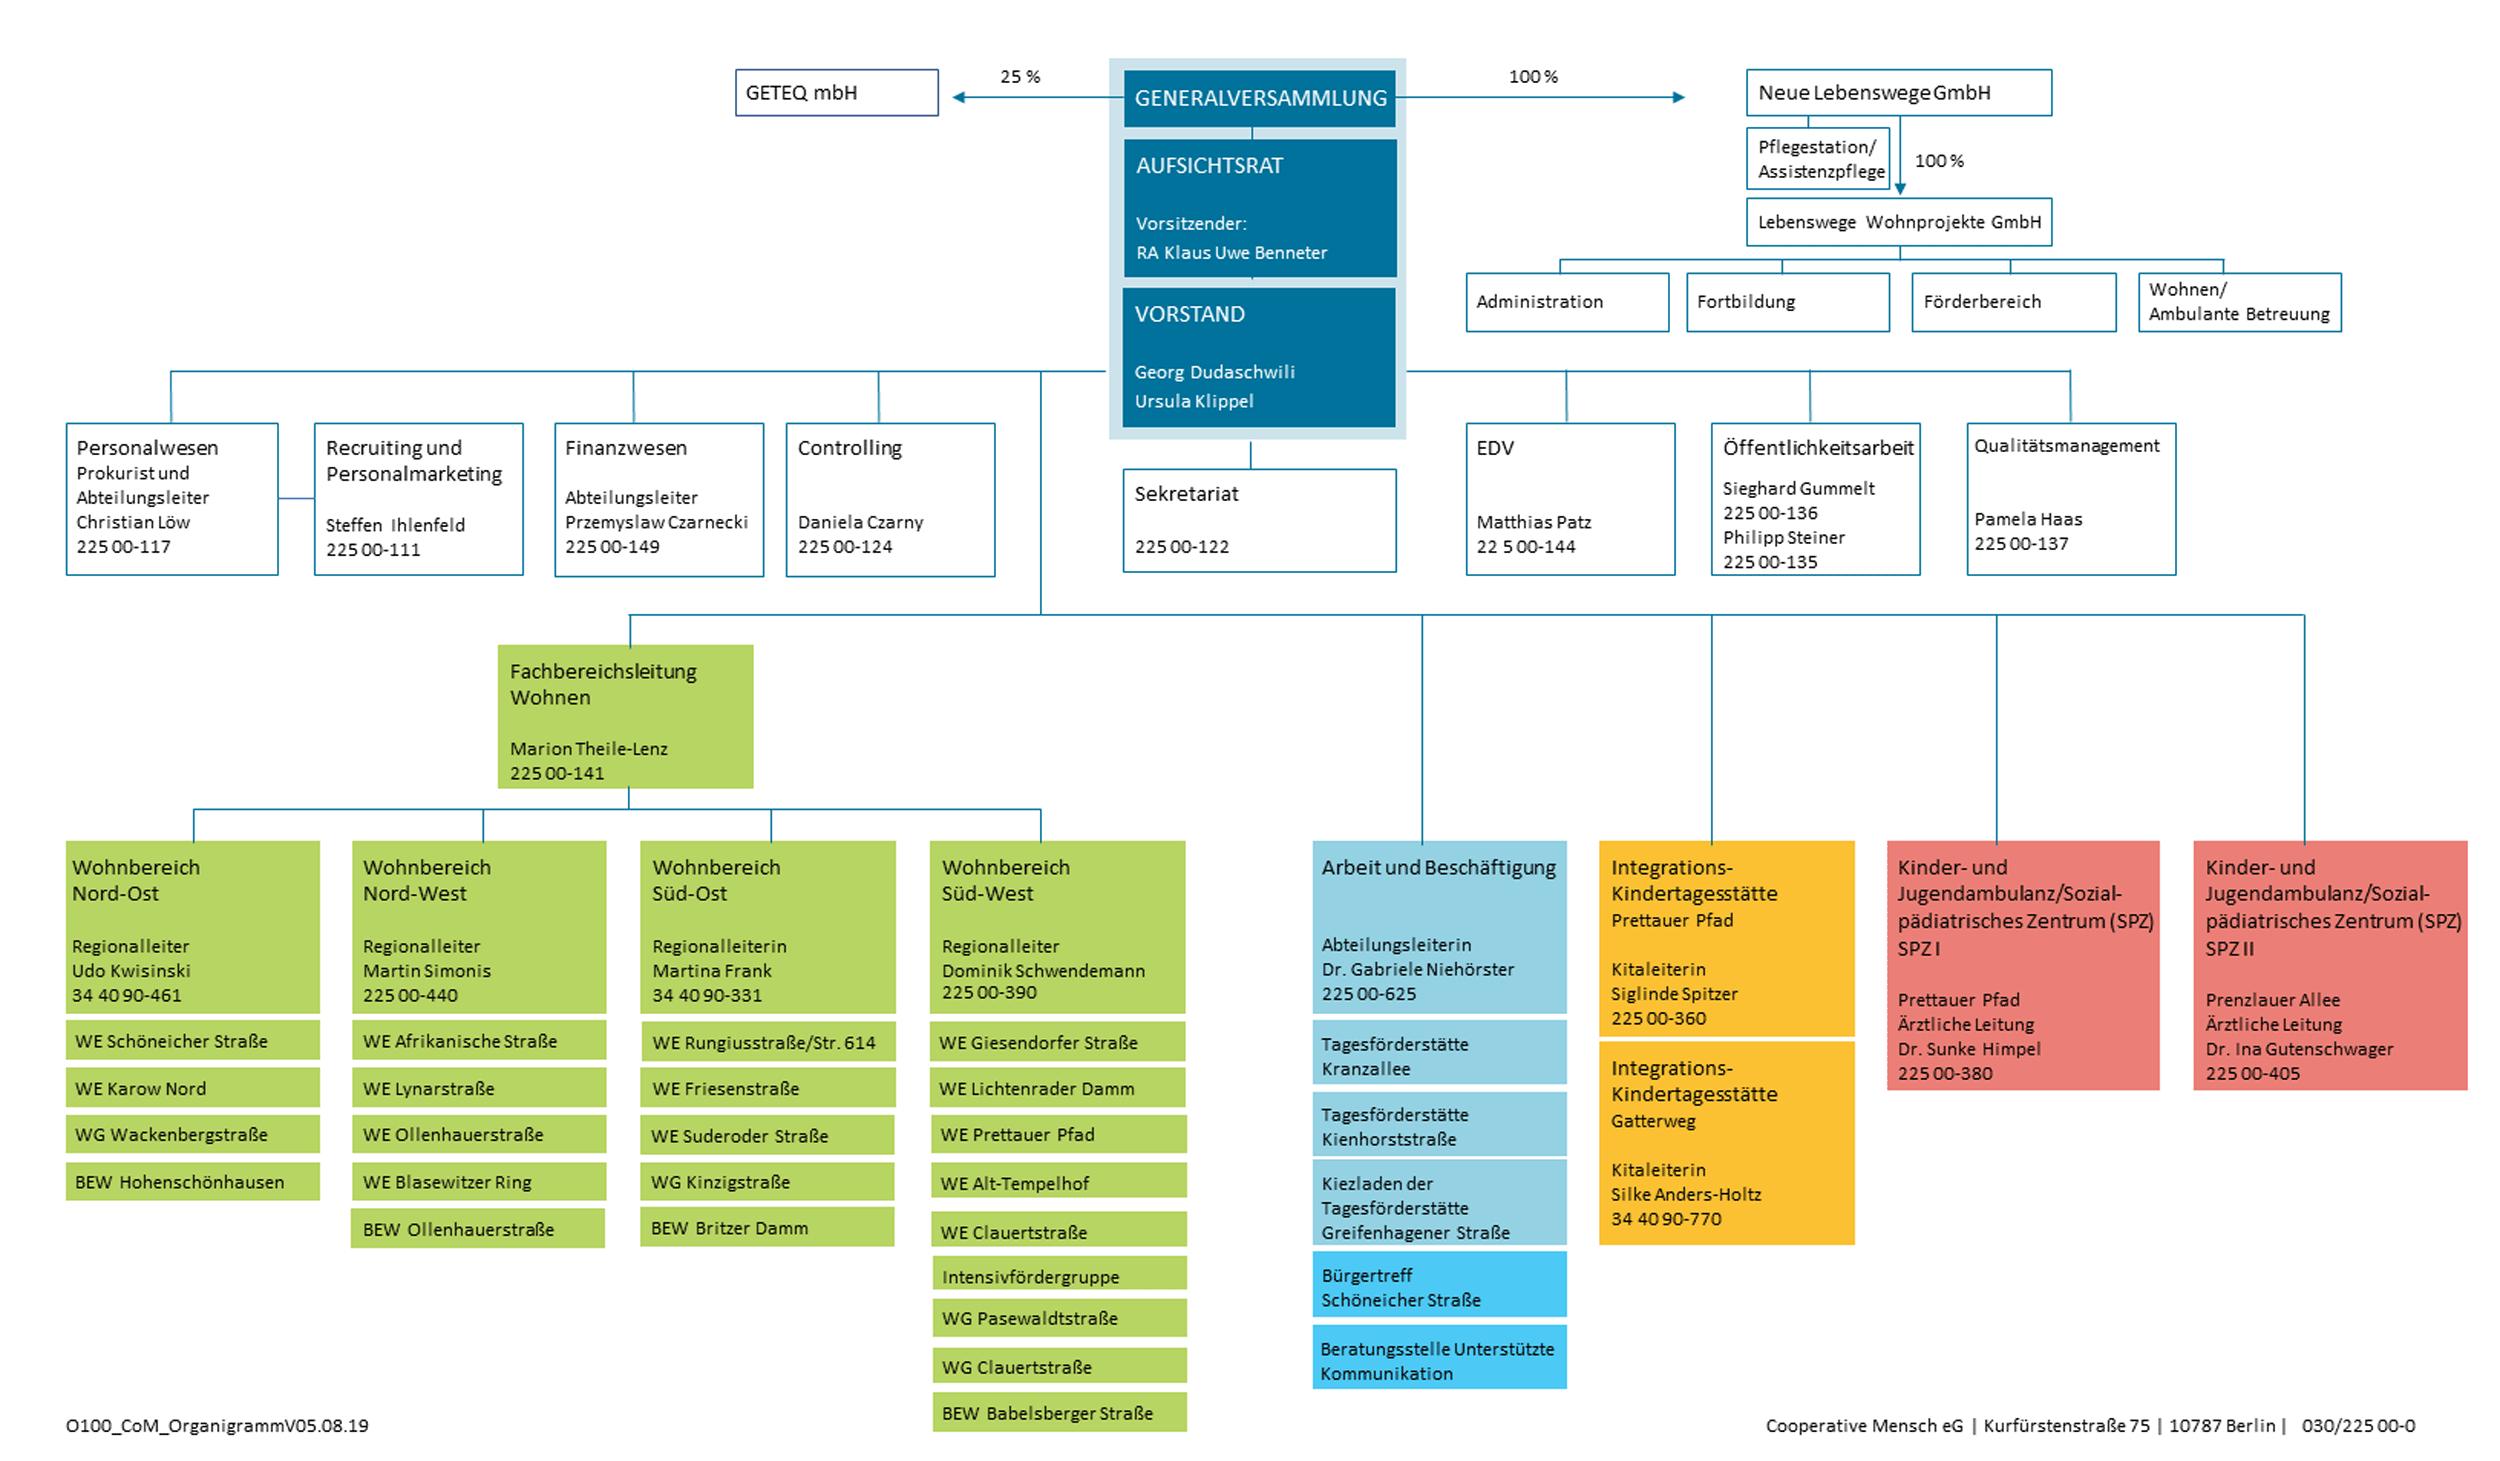 Organigramm der Cooperative Mensch eG